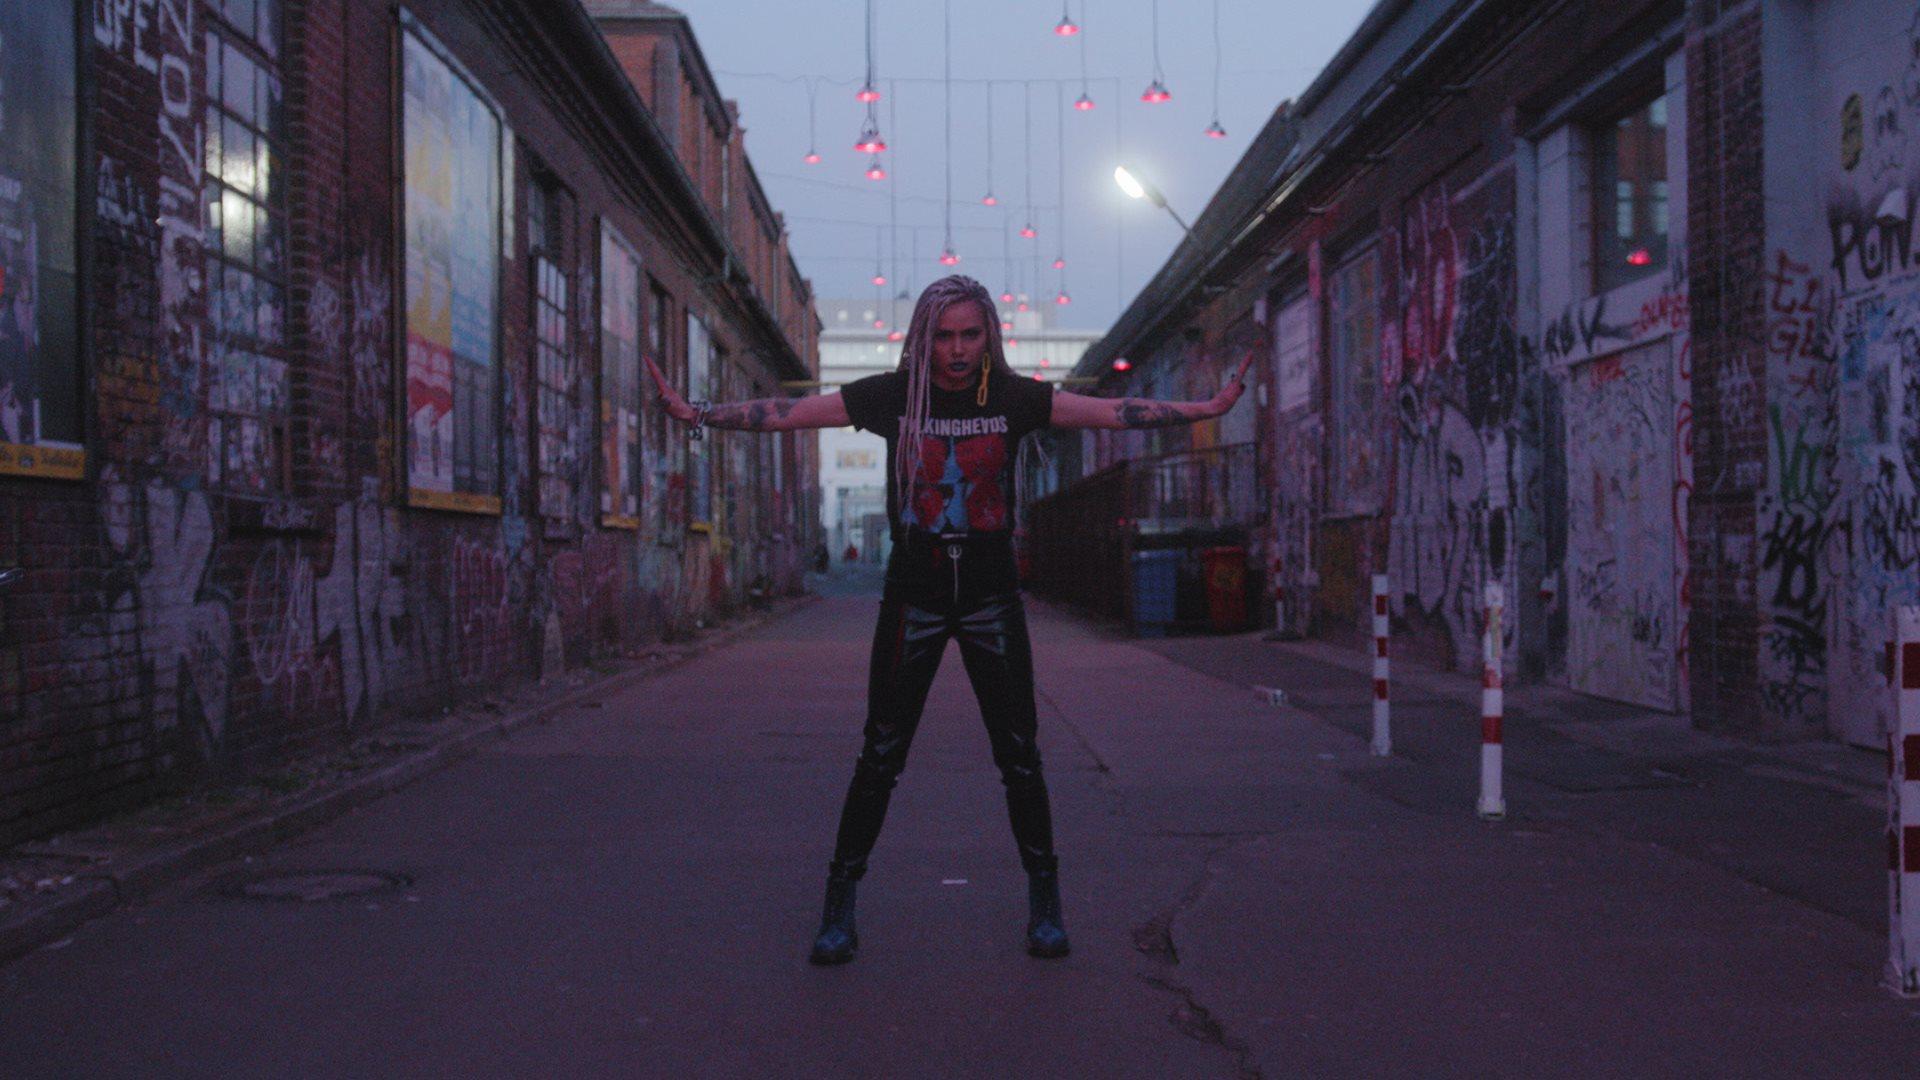 Berlin modeling